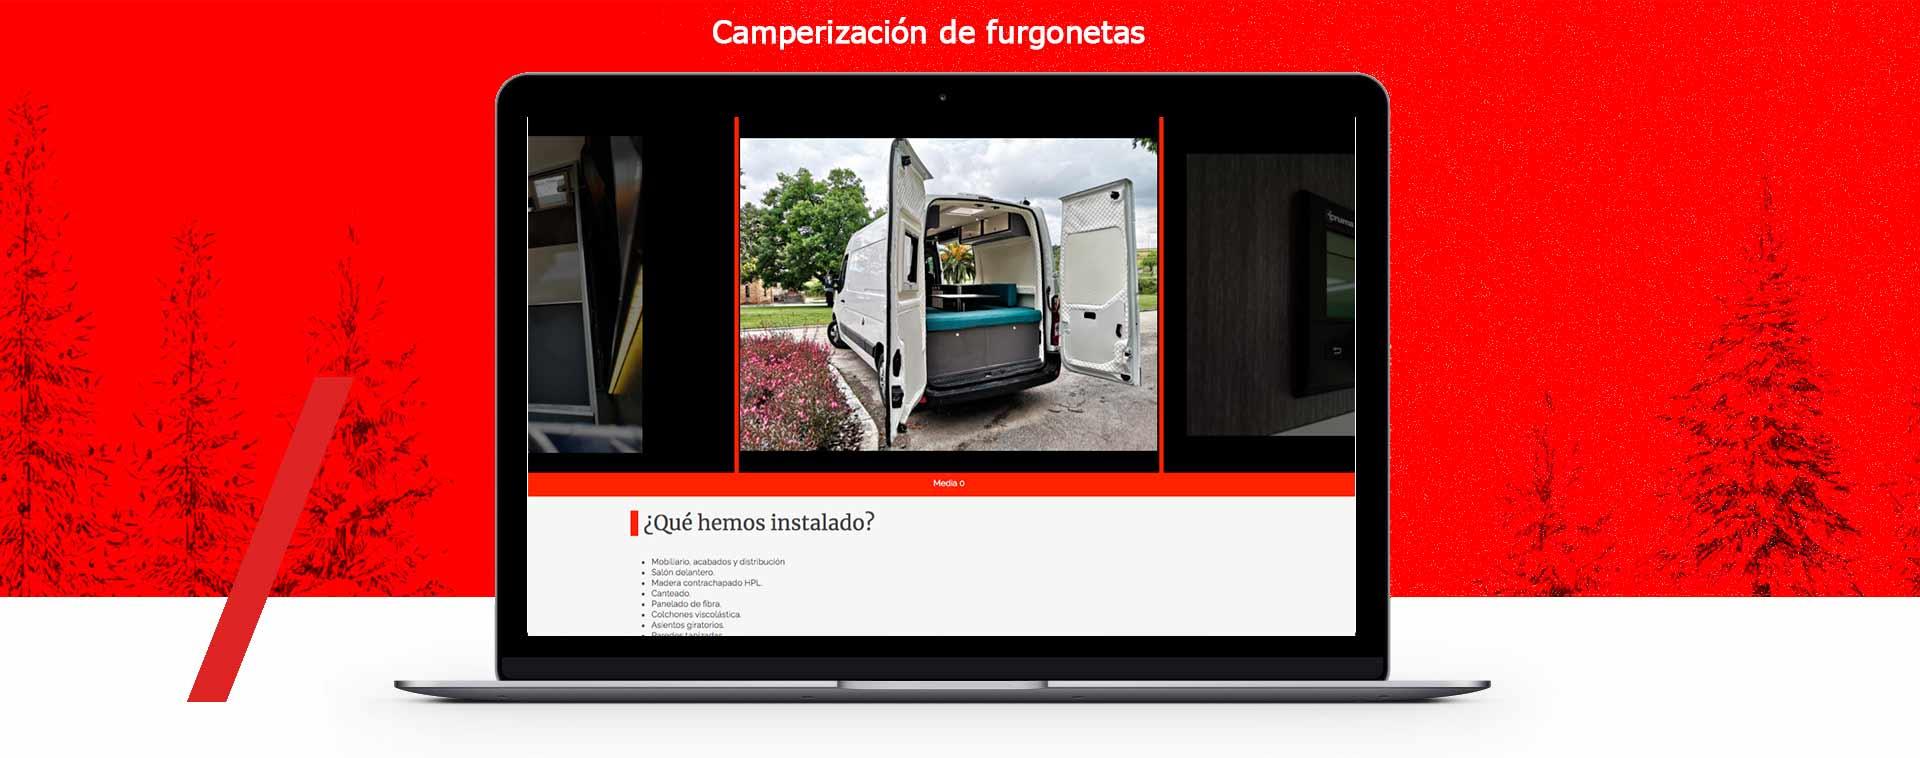 Presentacion diseño web Empresa cmaperizado de furgonetas en Barcelona